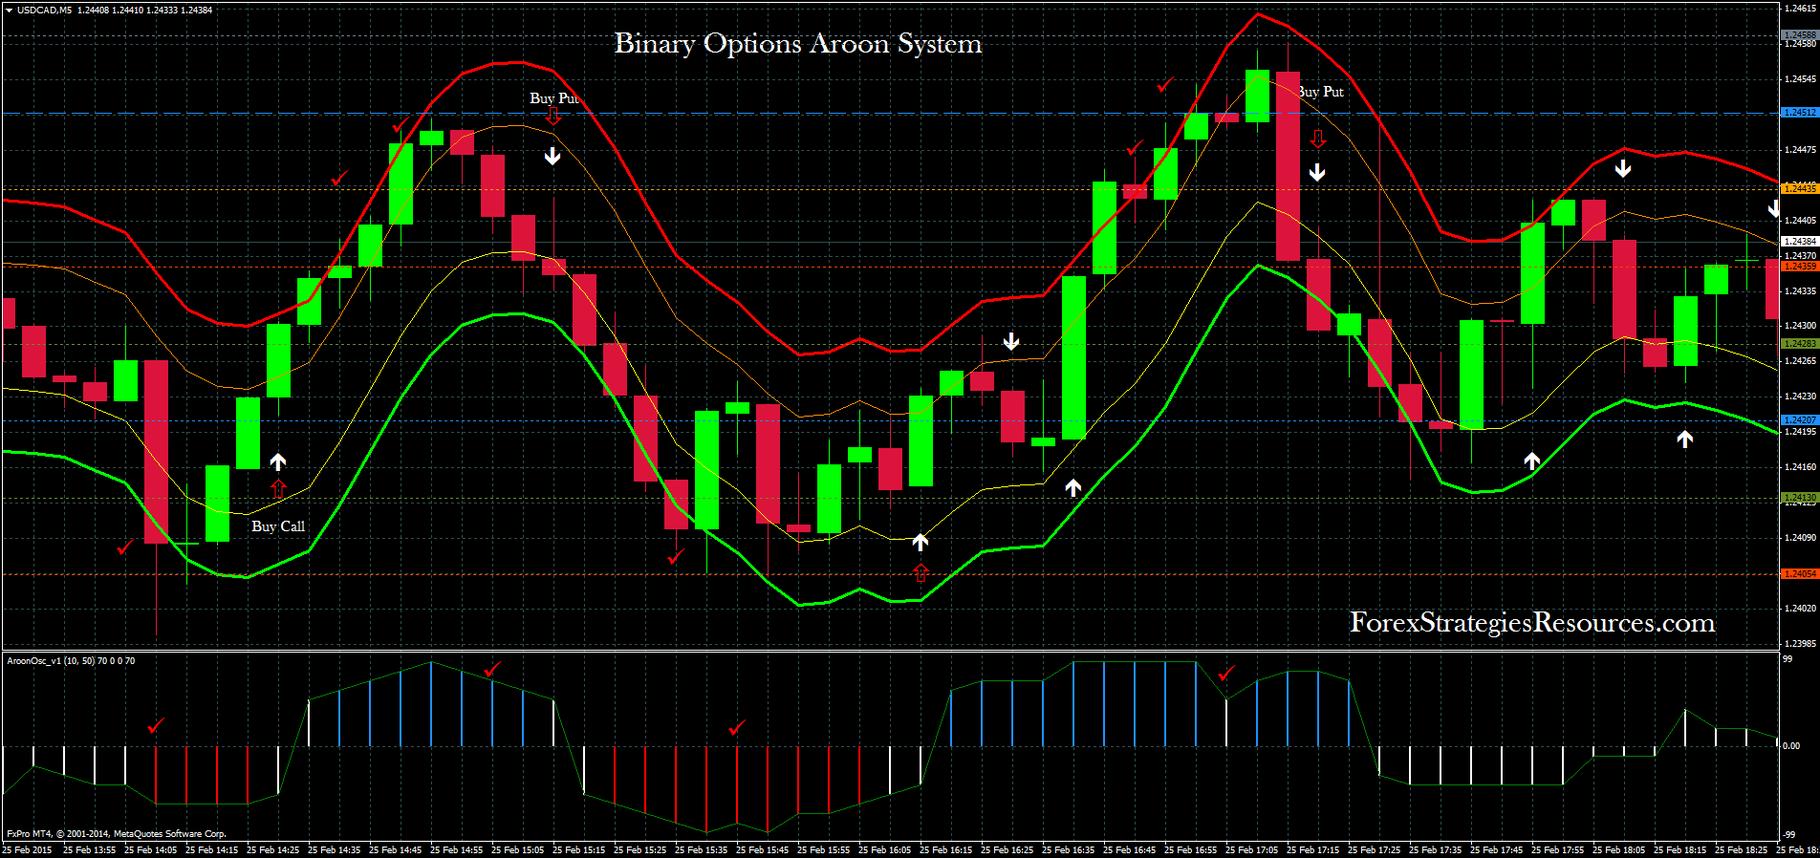 indicatori pentru opțiuni binare aroon